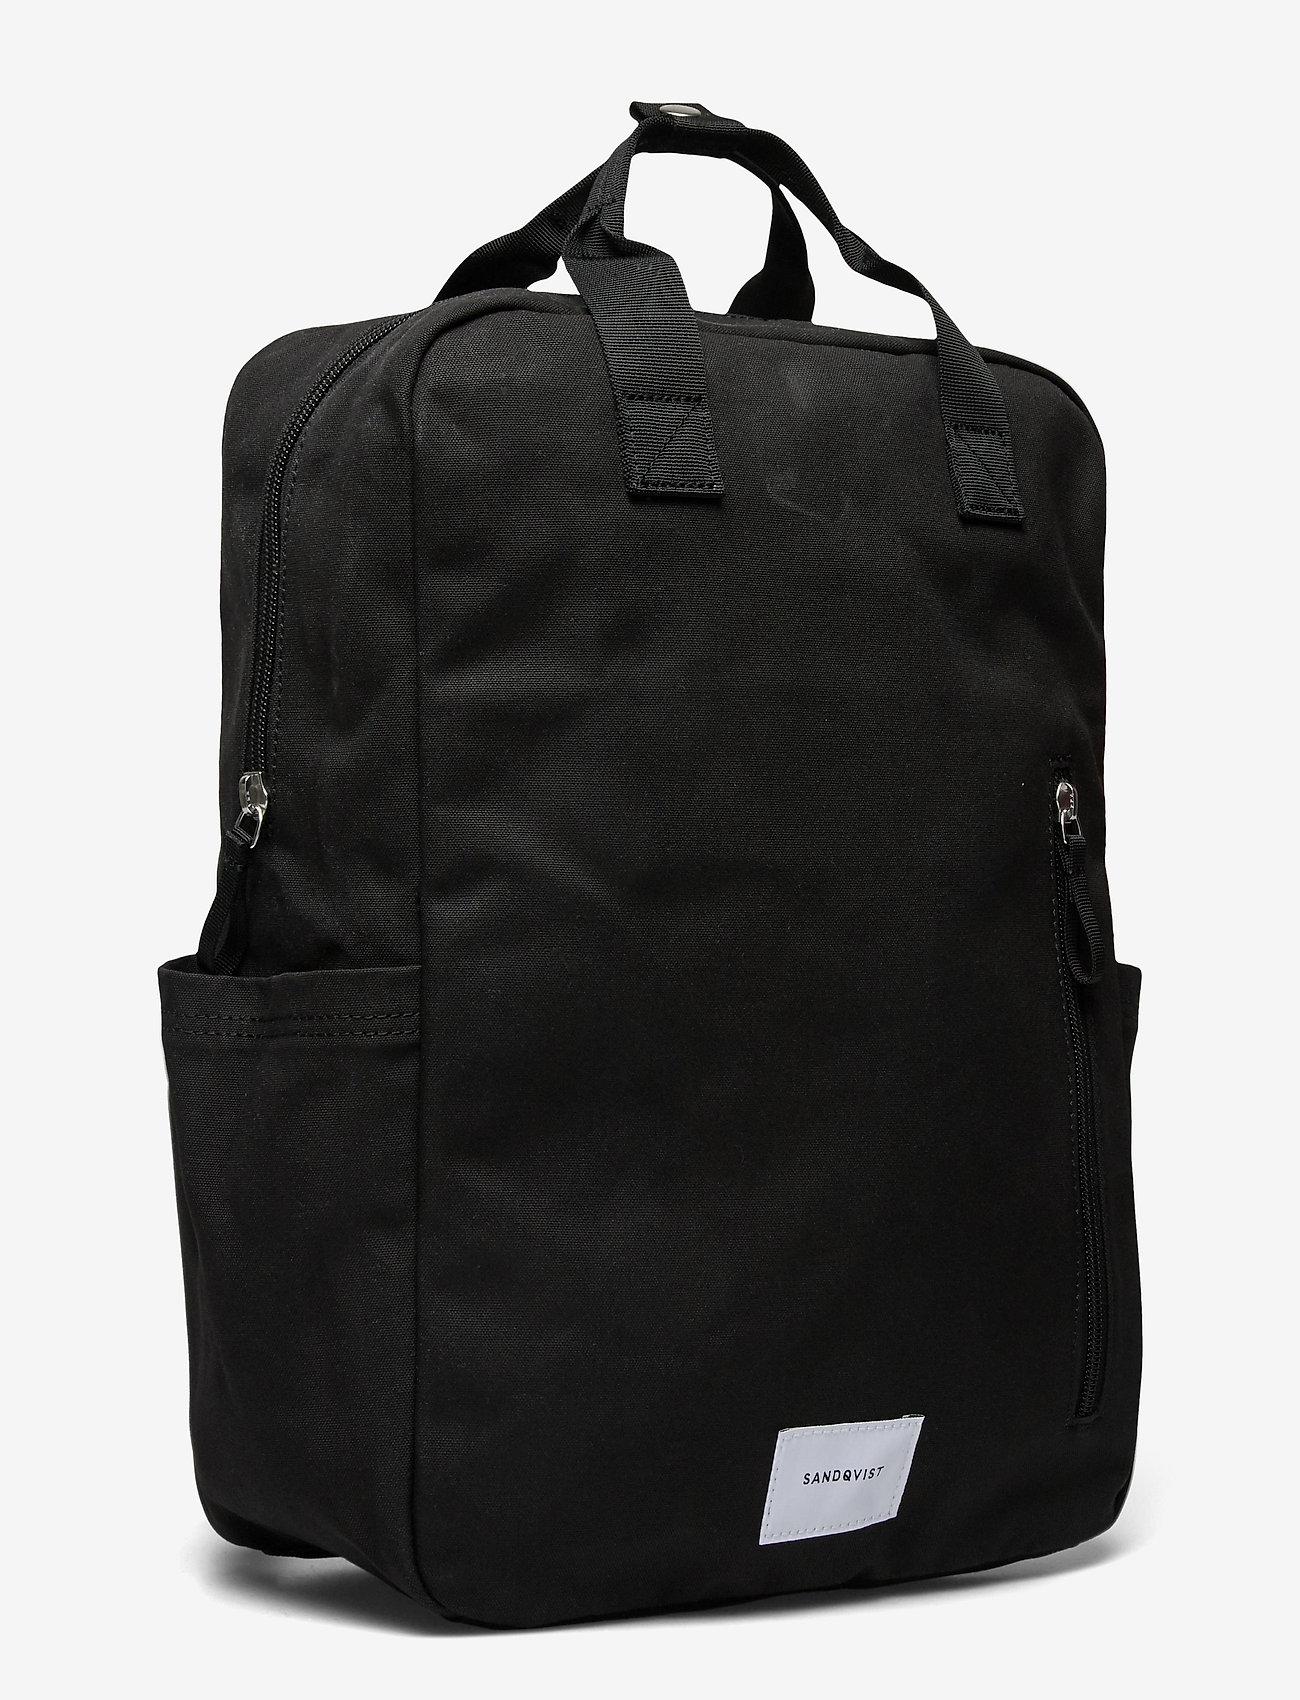 SANDQVIST - KNUT - tassen - black with black webbing - 3